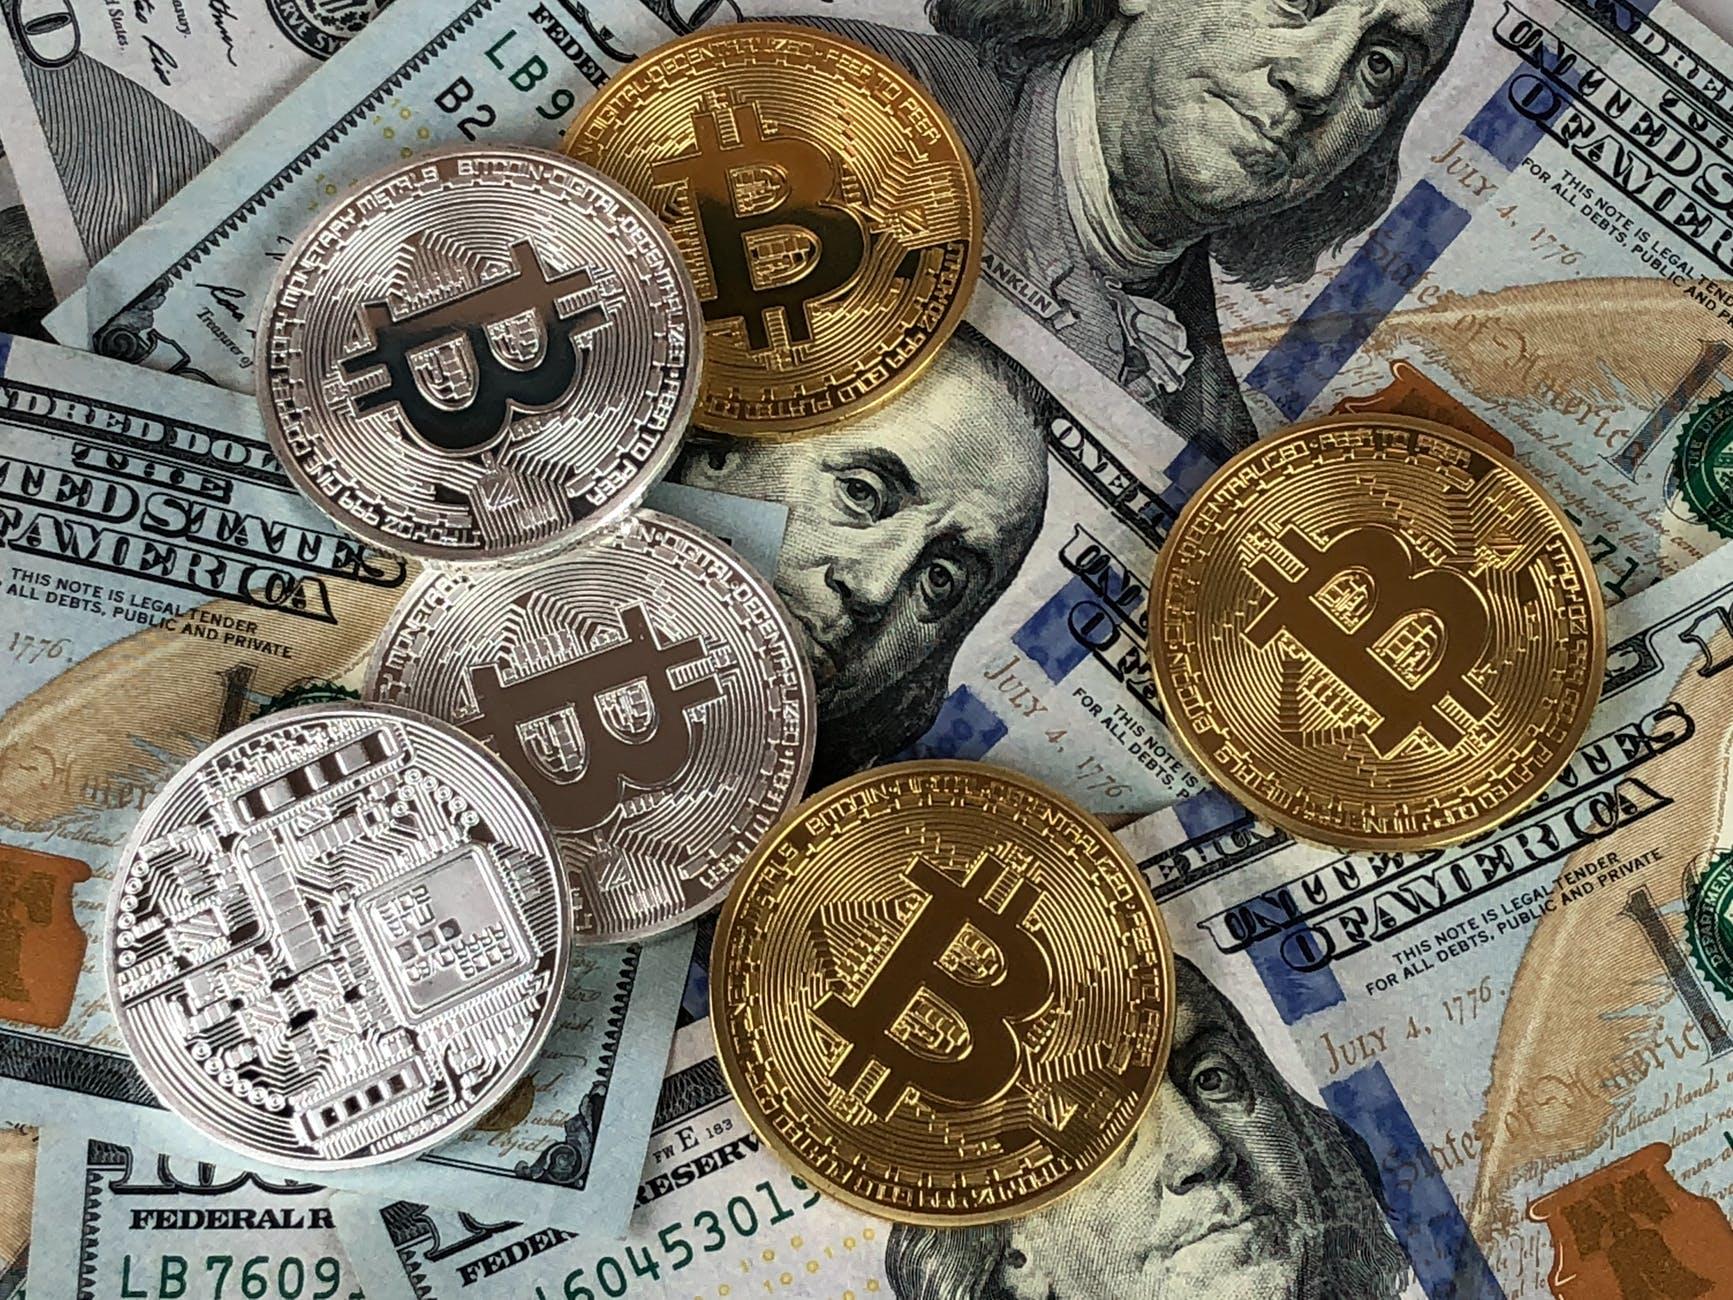 איך רוכשים את המטבע המדובר ביותר בעולם ההשקעות - הביטקוין